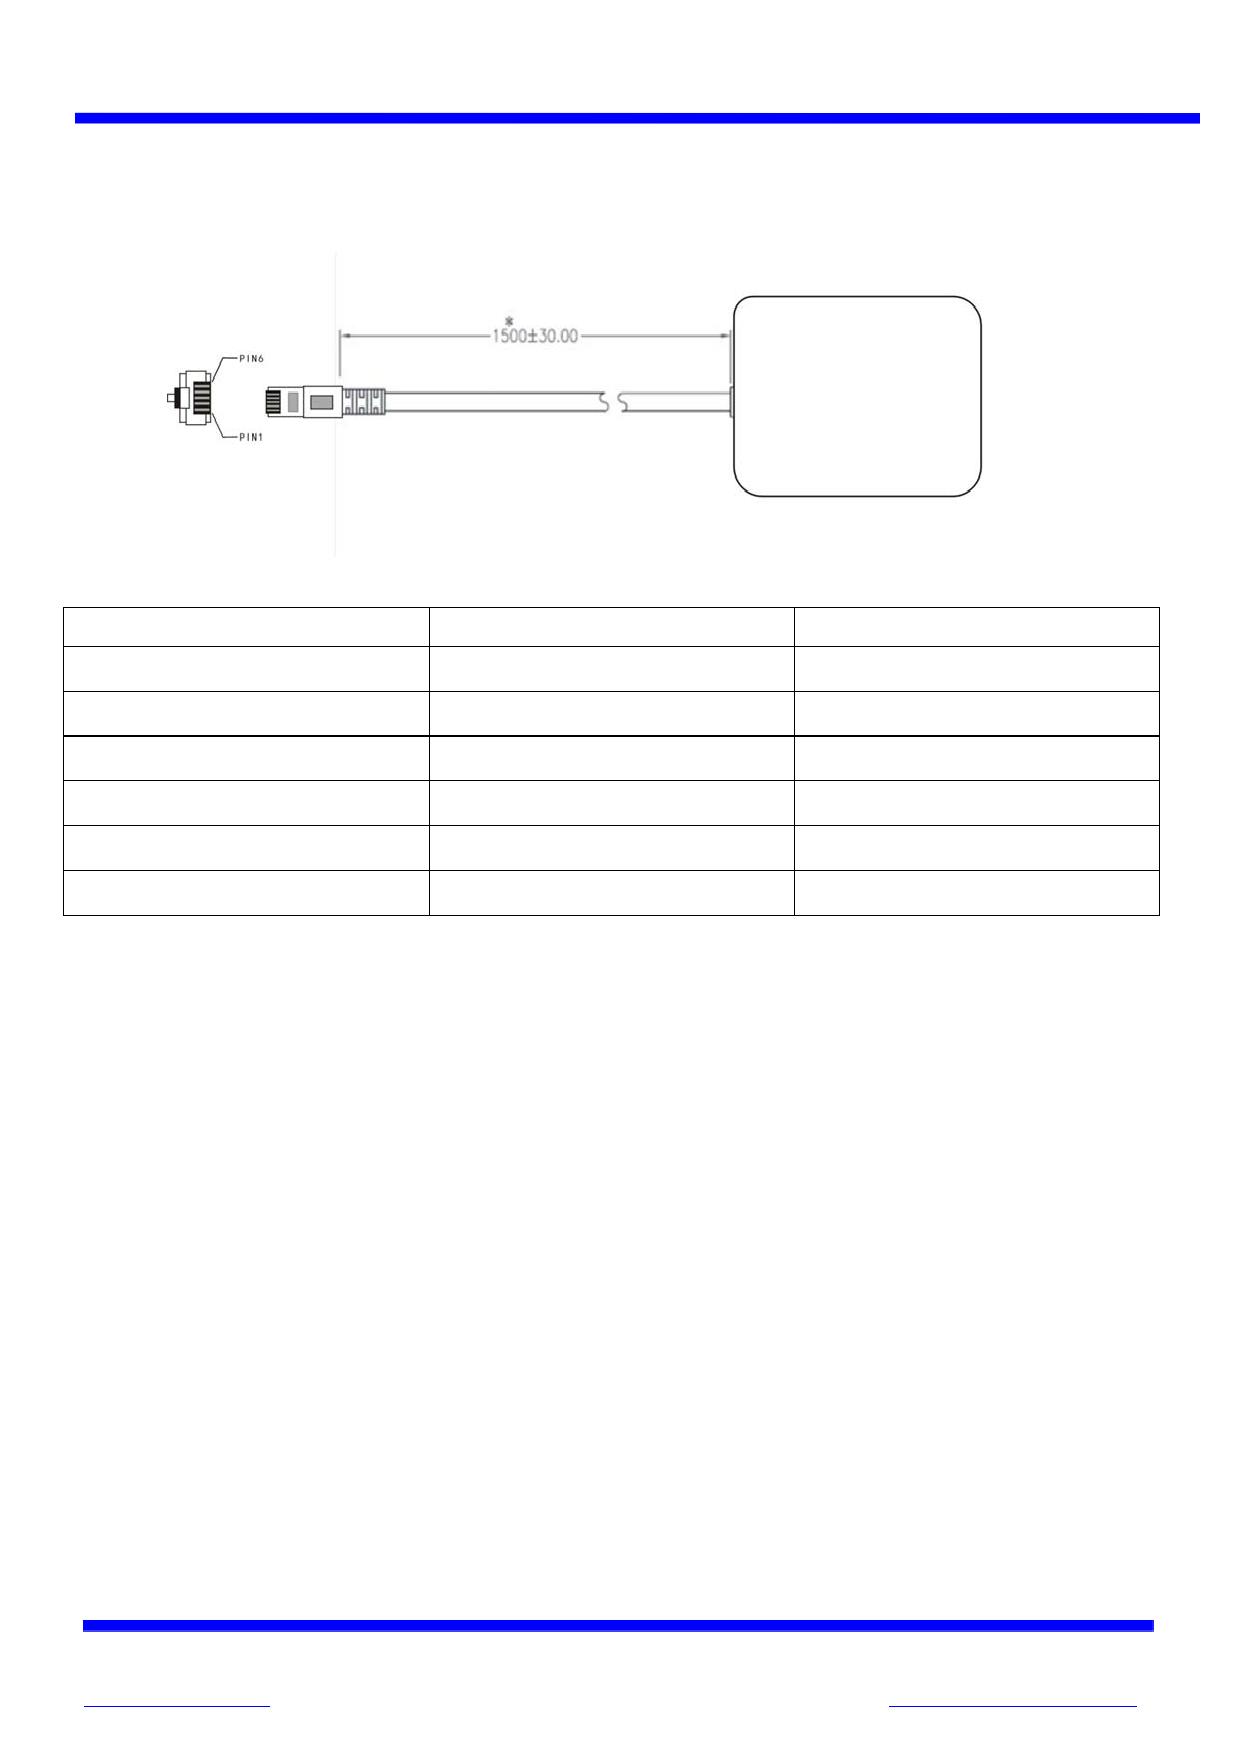 GPS93030SE25 pdf, ピン配列